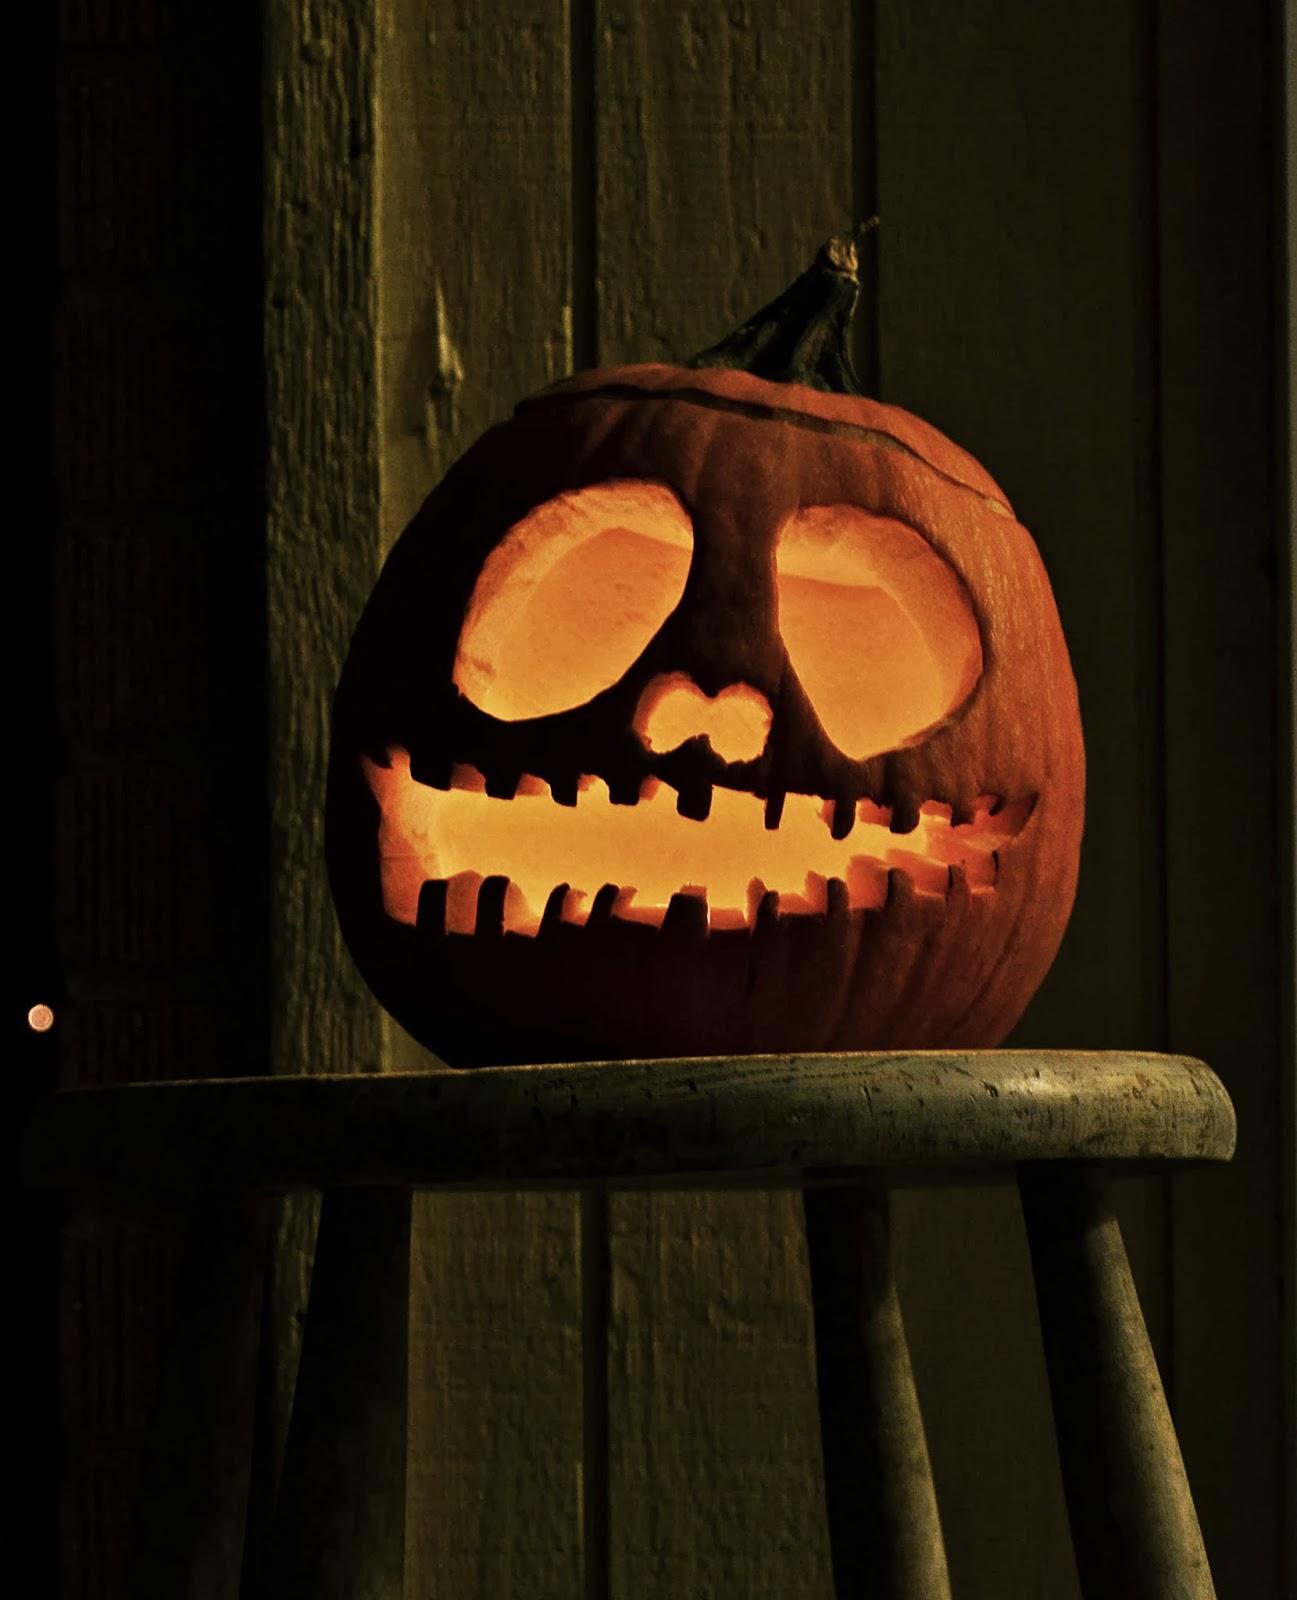 Vegans Have Superpowers: My First Halloween Pumpkin